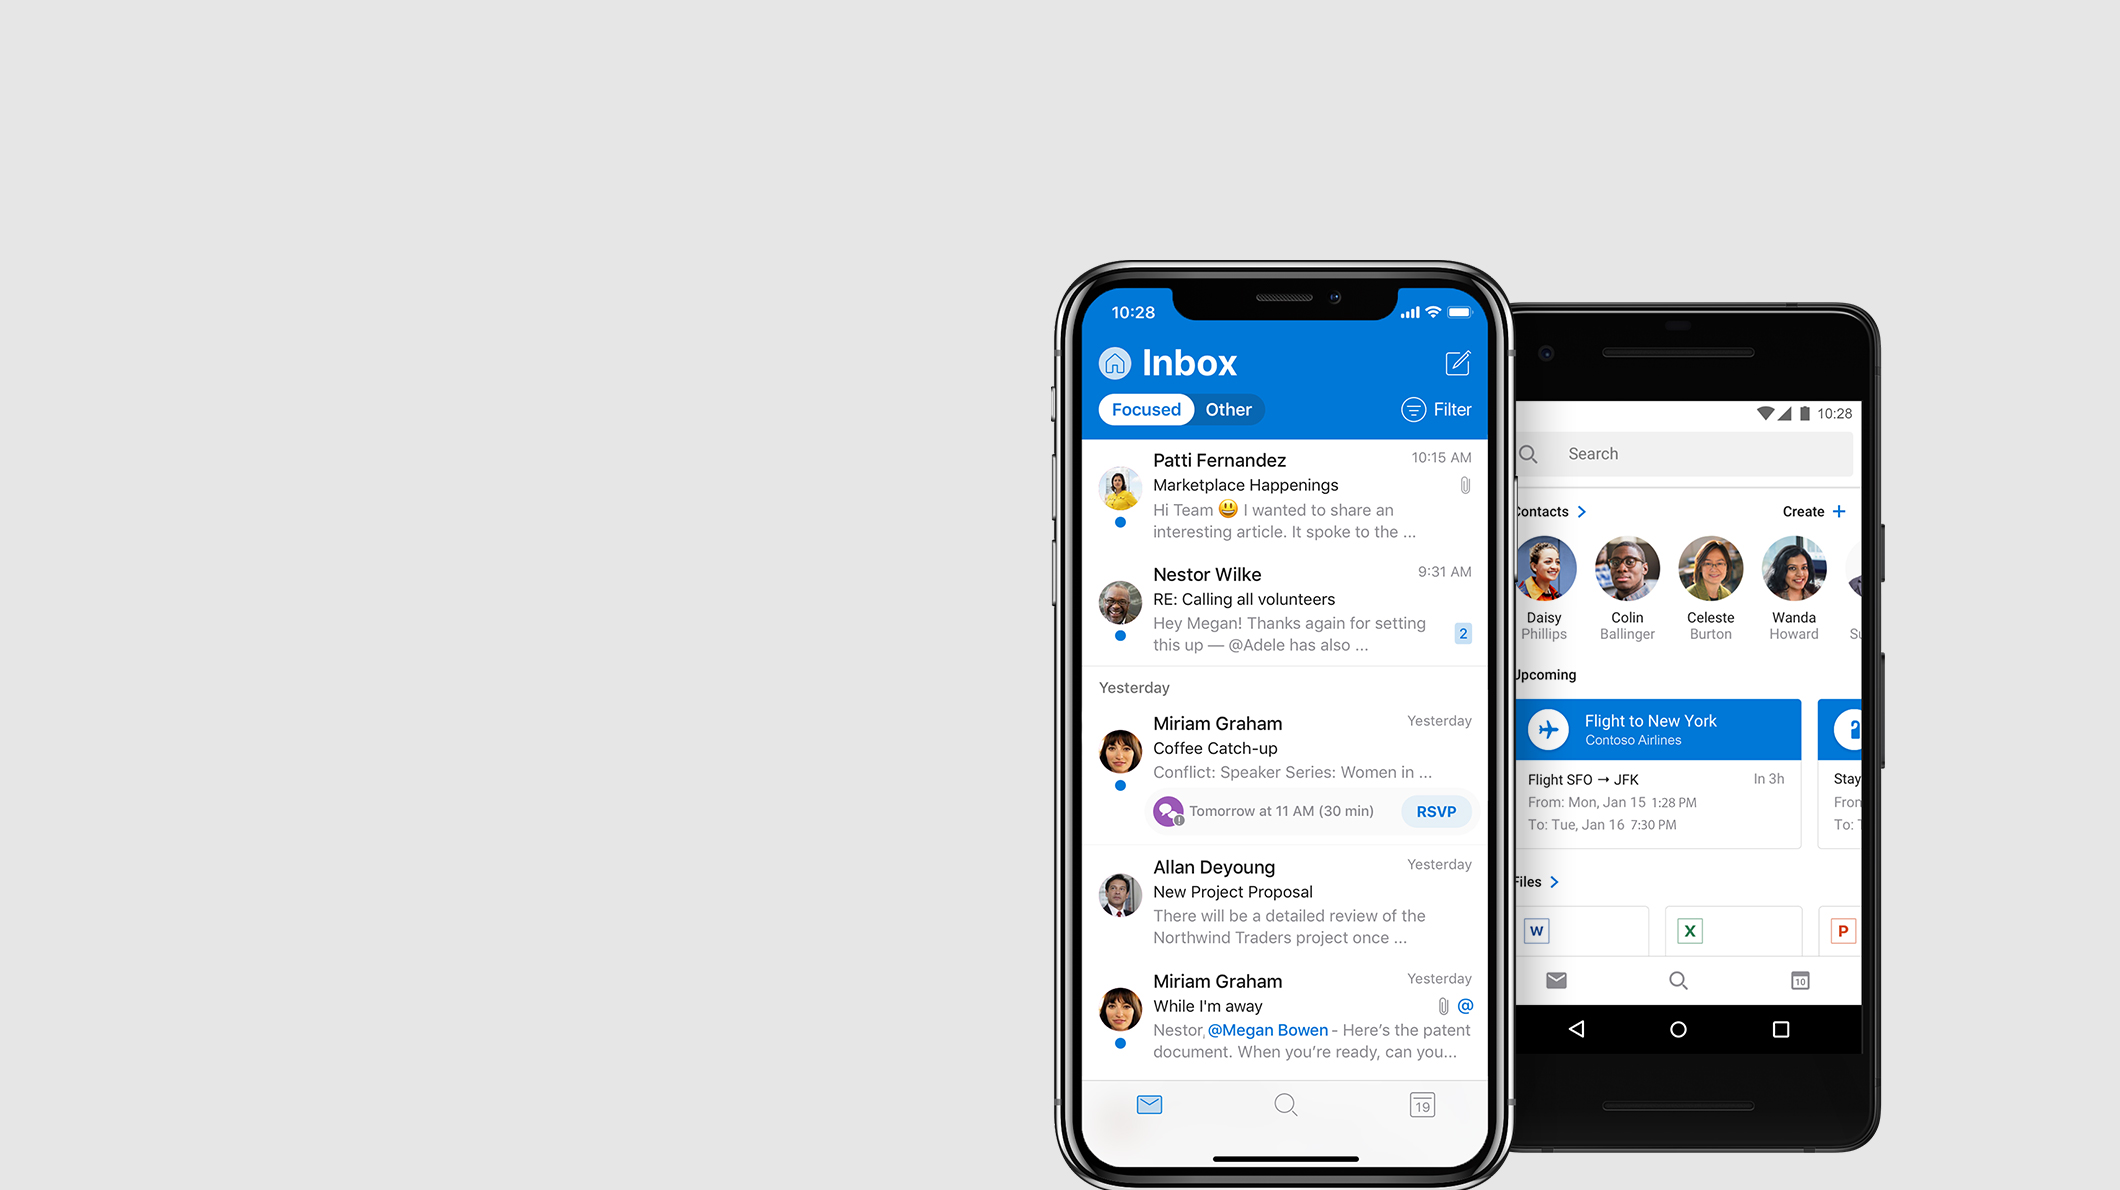 Telefón so systémom iOS a telefón so systémom Android s aplikáciou Outlook zobrazené na obrazovke